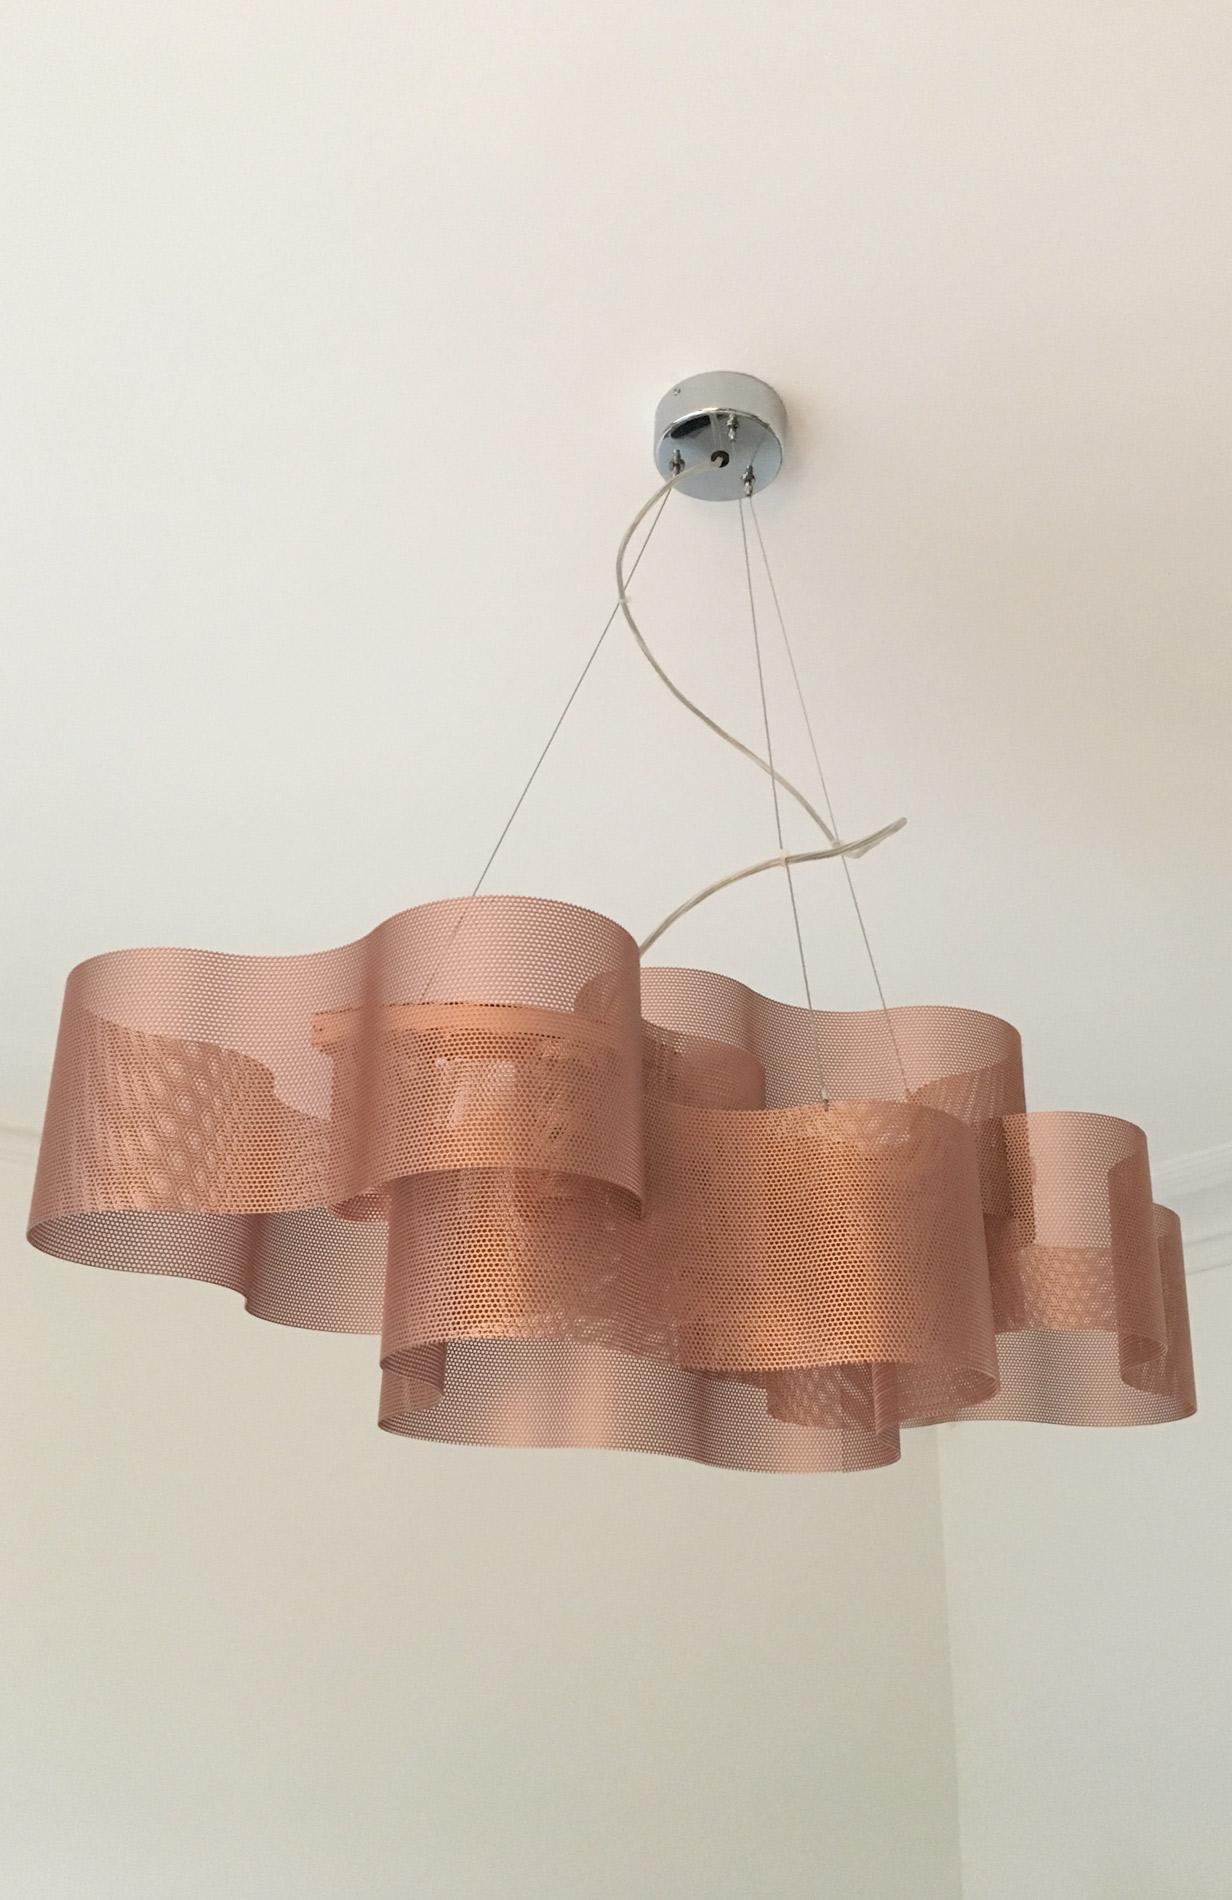 luminaire suspension nuage cuivre éteint thierry vidé